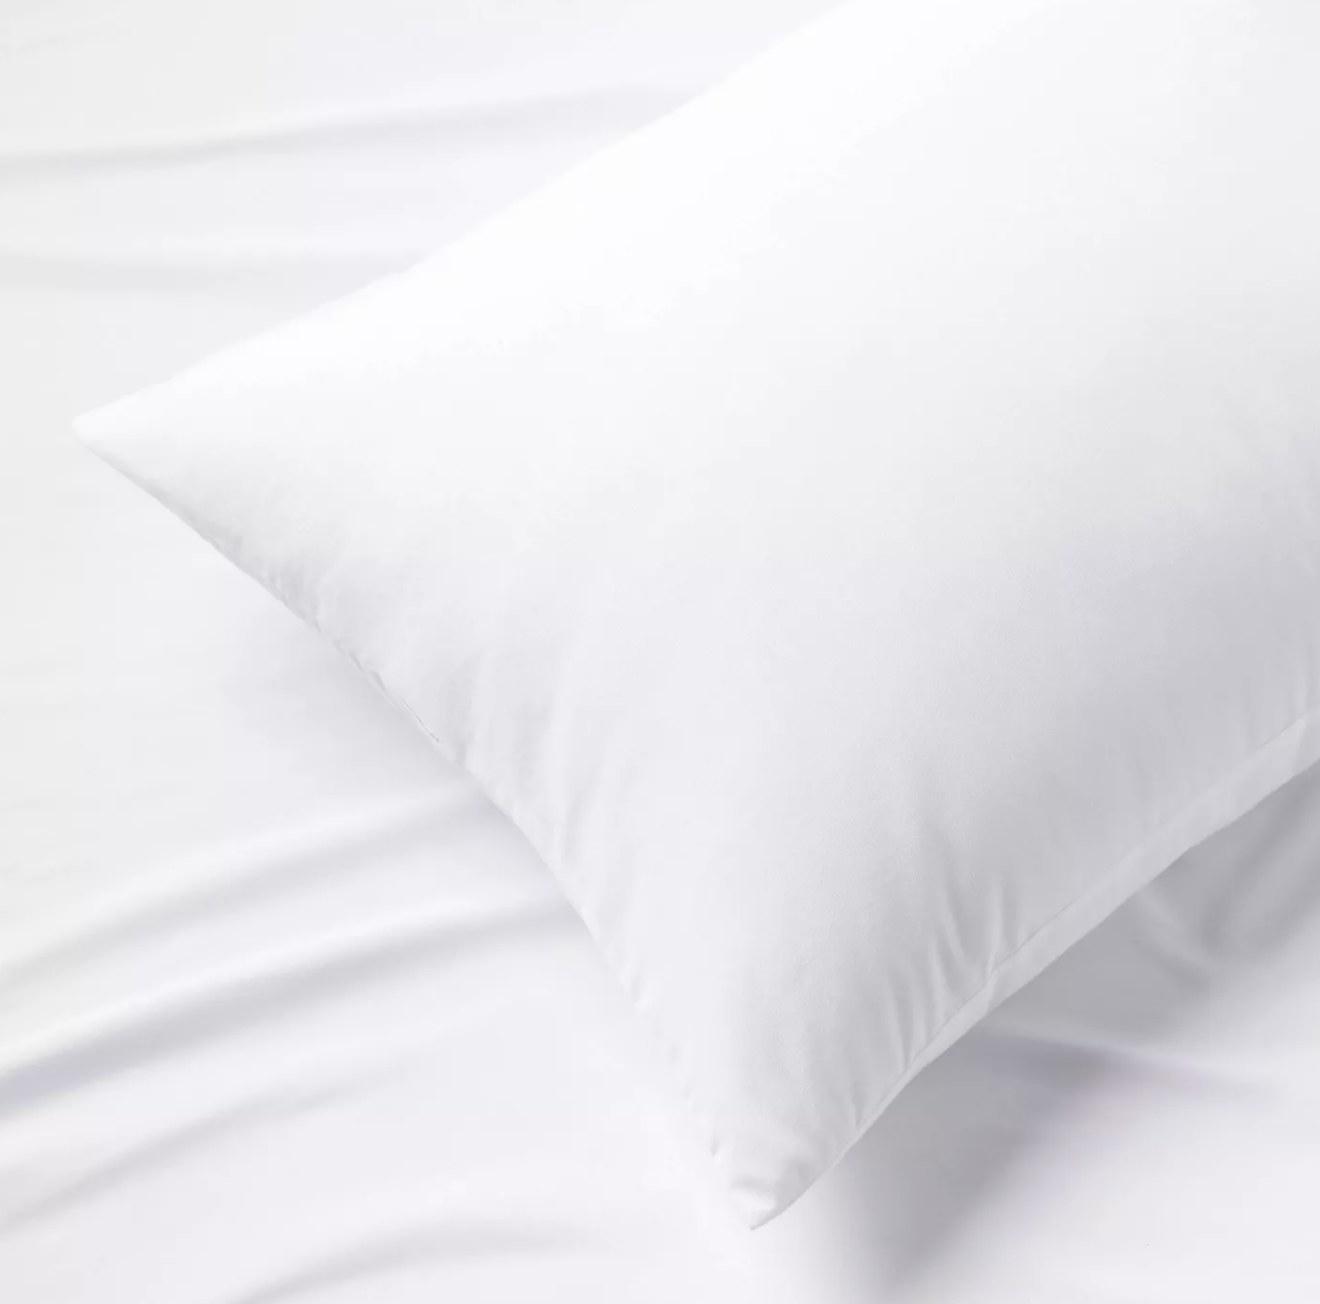 a white memory foam pillow on a white sheet